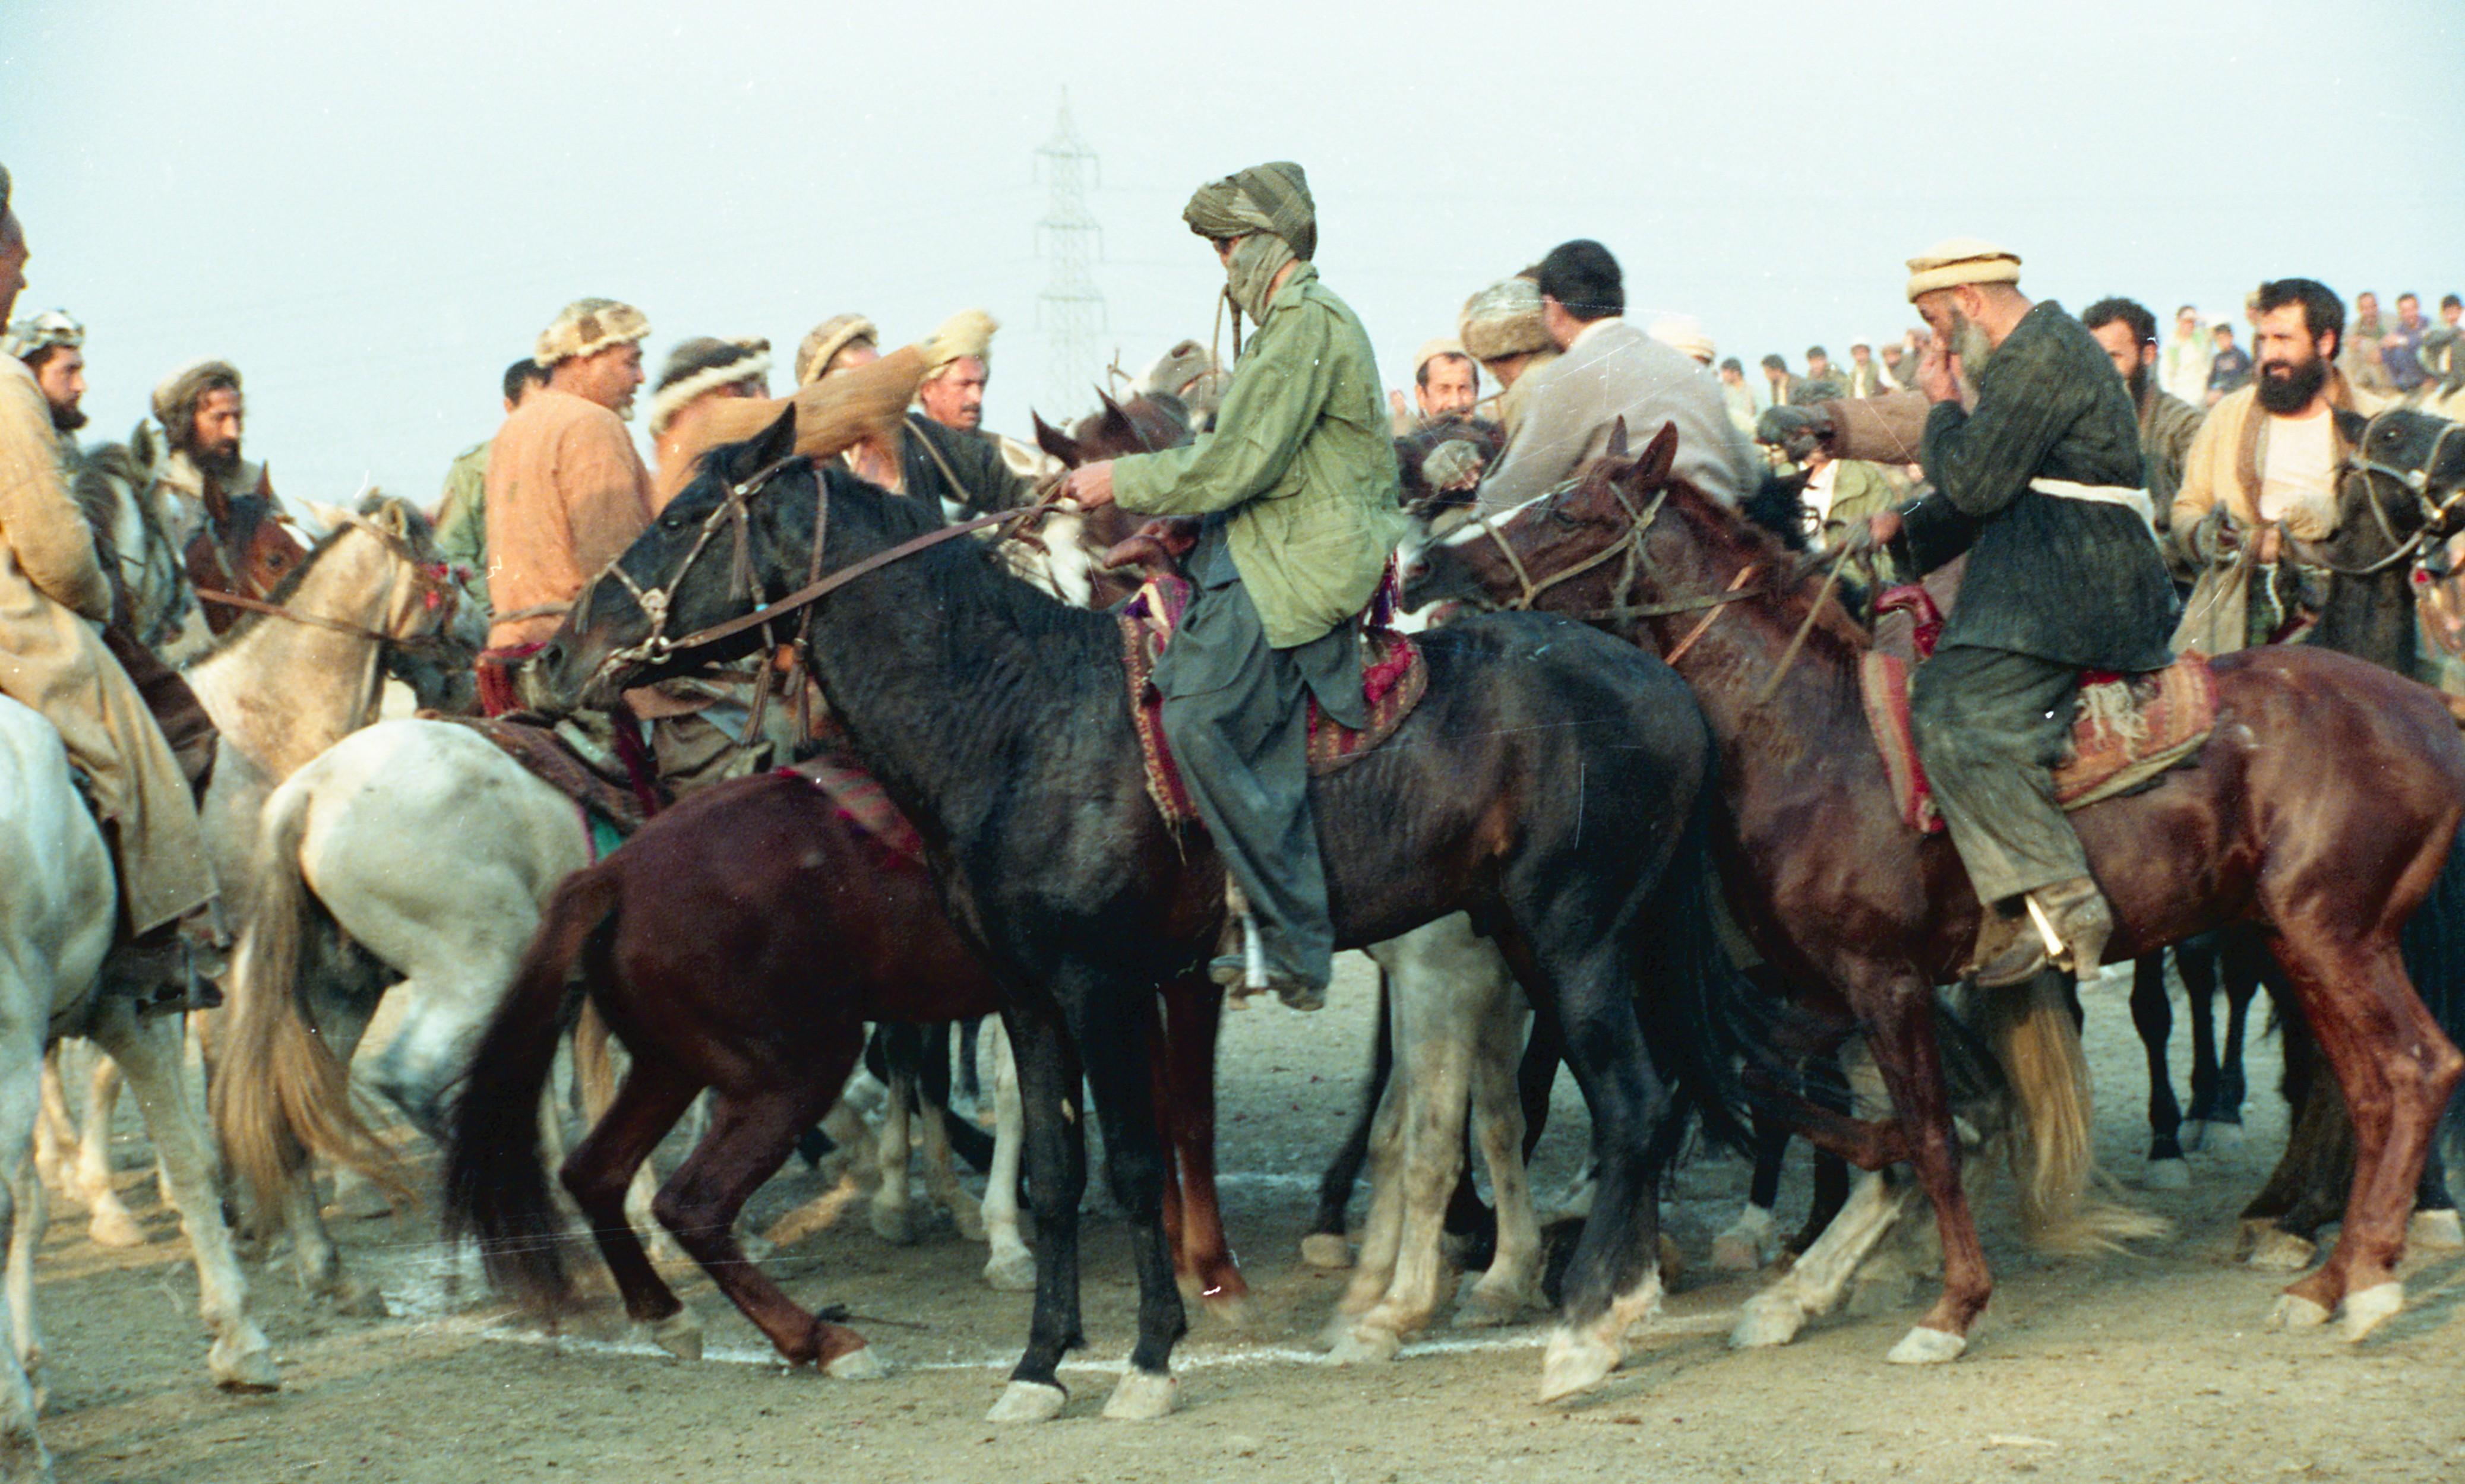 Afghan refugees playing Buzkashī (Goat grabbing) game